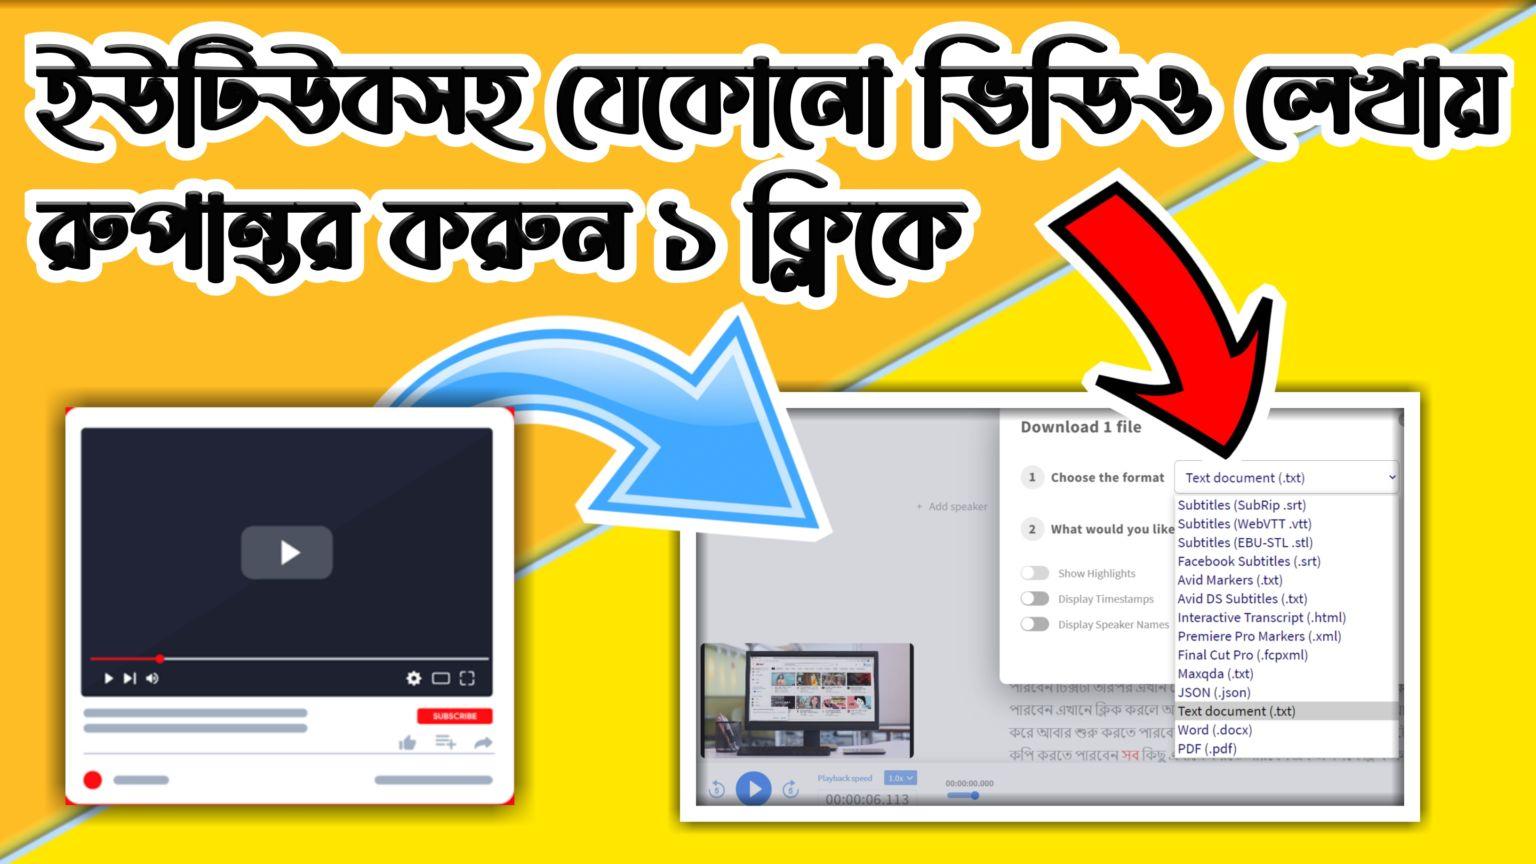 ইউটিউবসহ যেকোন ভিডিও লেখায় রুপান্তর করুন এক ক্লিকে || How to Convert YouTube or Any video to text file by online 2021